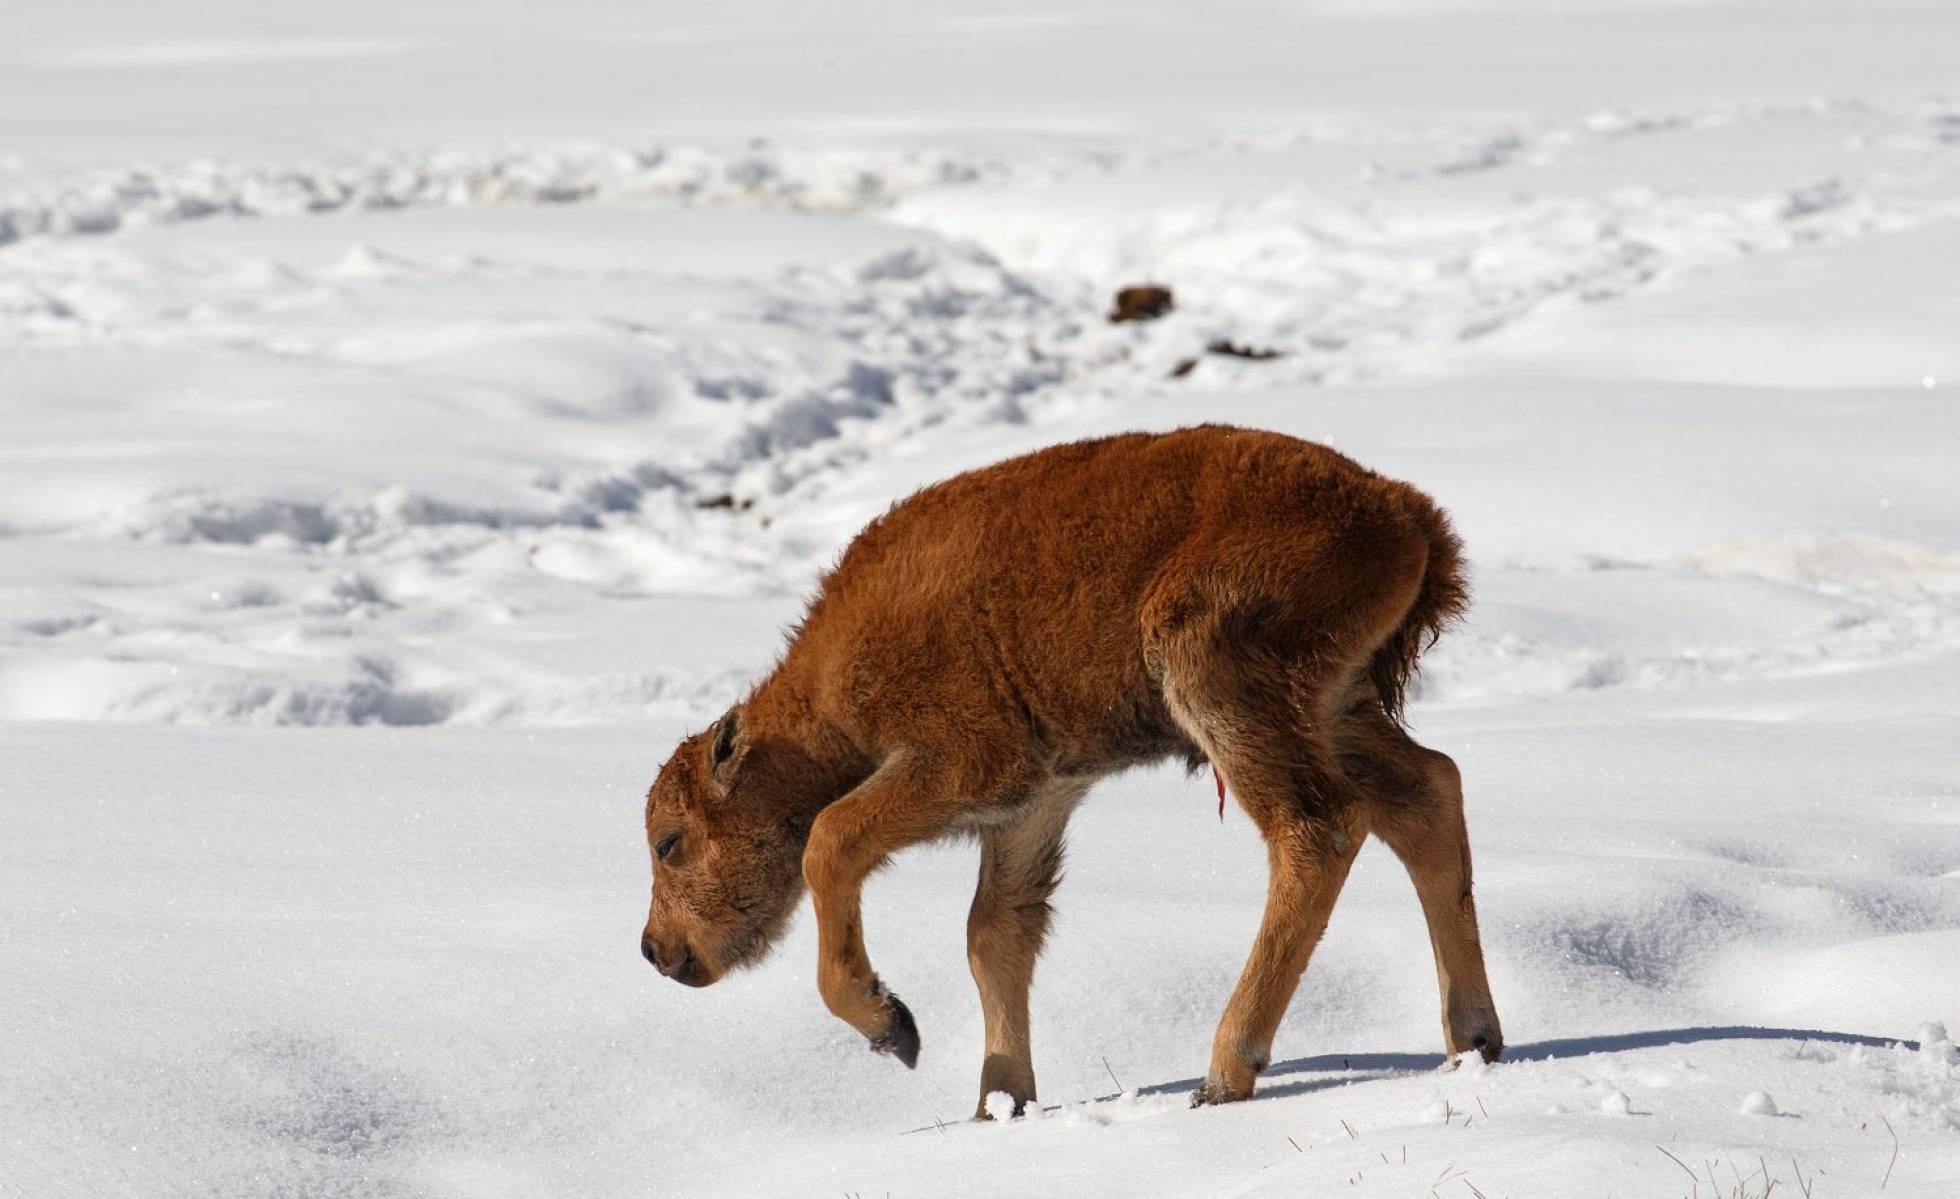 Nace 'Becerro 1', el primer bisonte del Parque Nacional de Banff de Canadá en 140 años